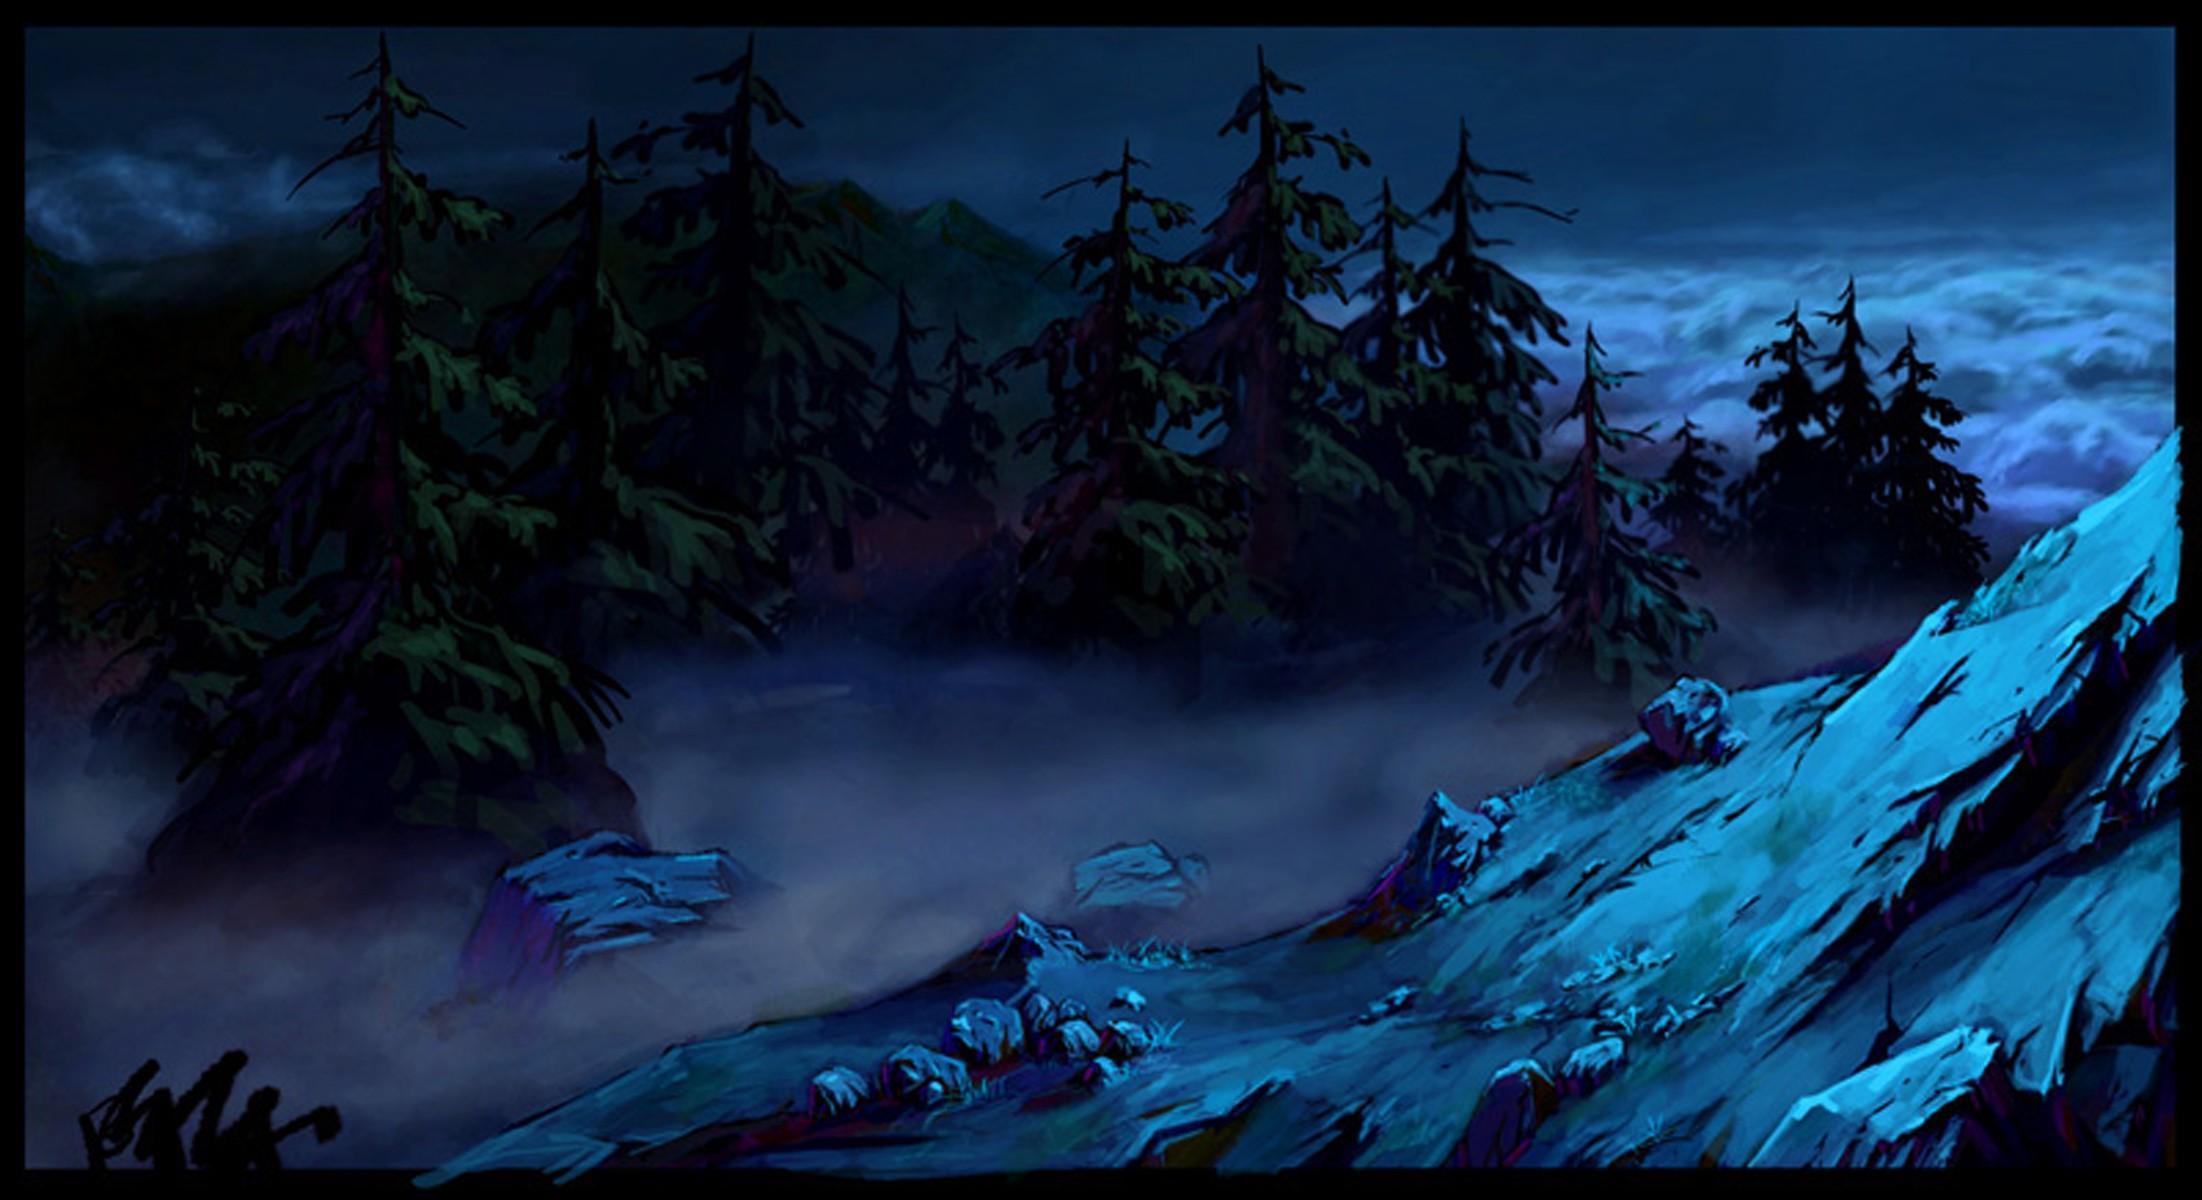 黑暗森林图片